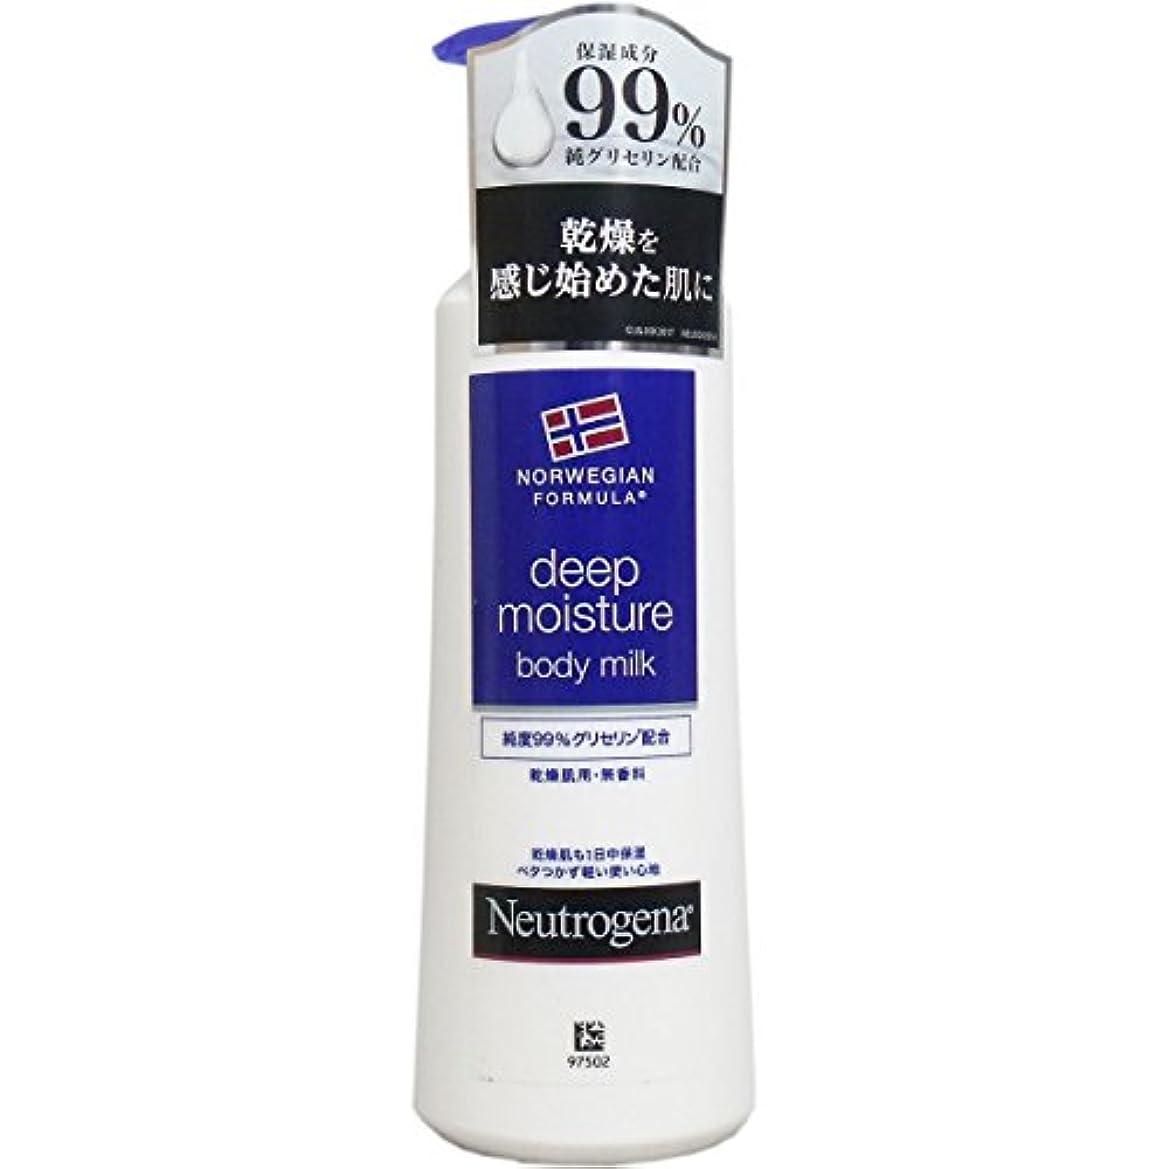 納税者海洋の広範囲ニュートロジーナ ノルウェーフォーミュラ ディープモイスチャー ボディミルク 無香料 250ml